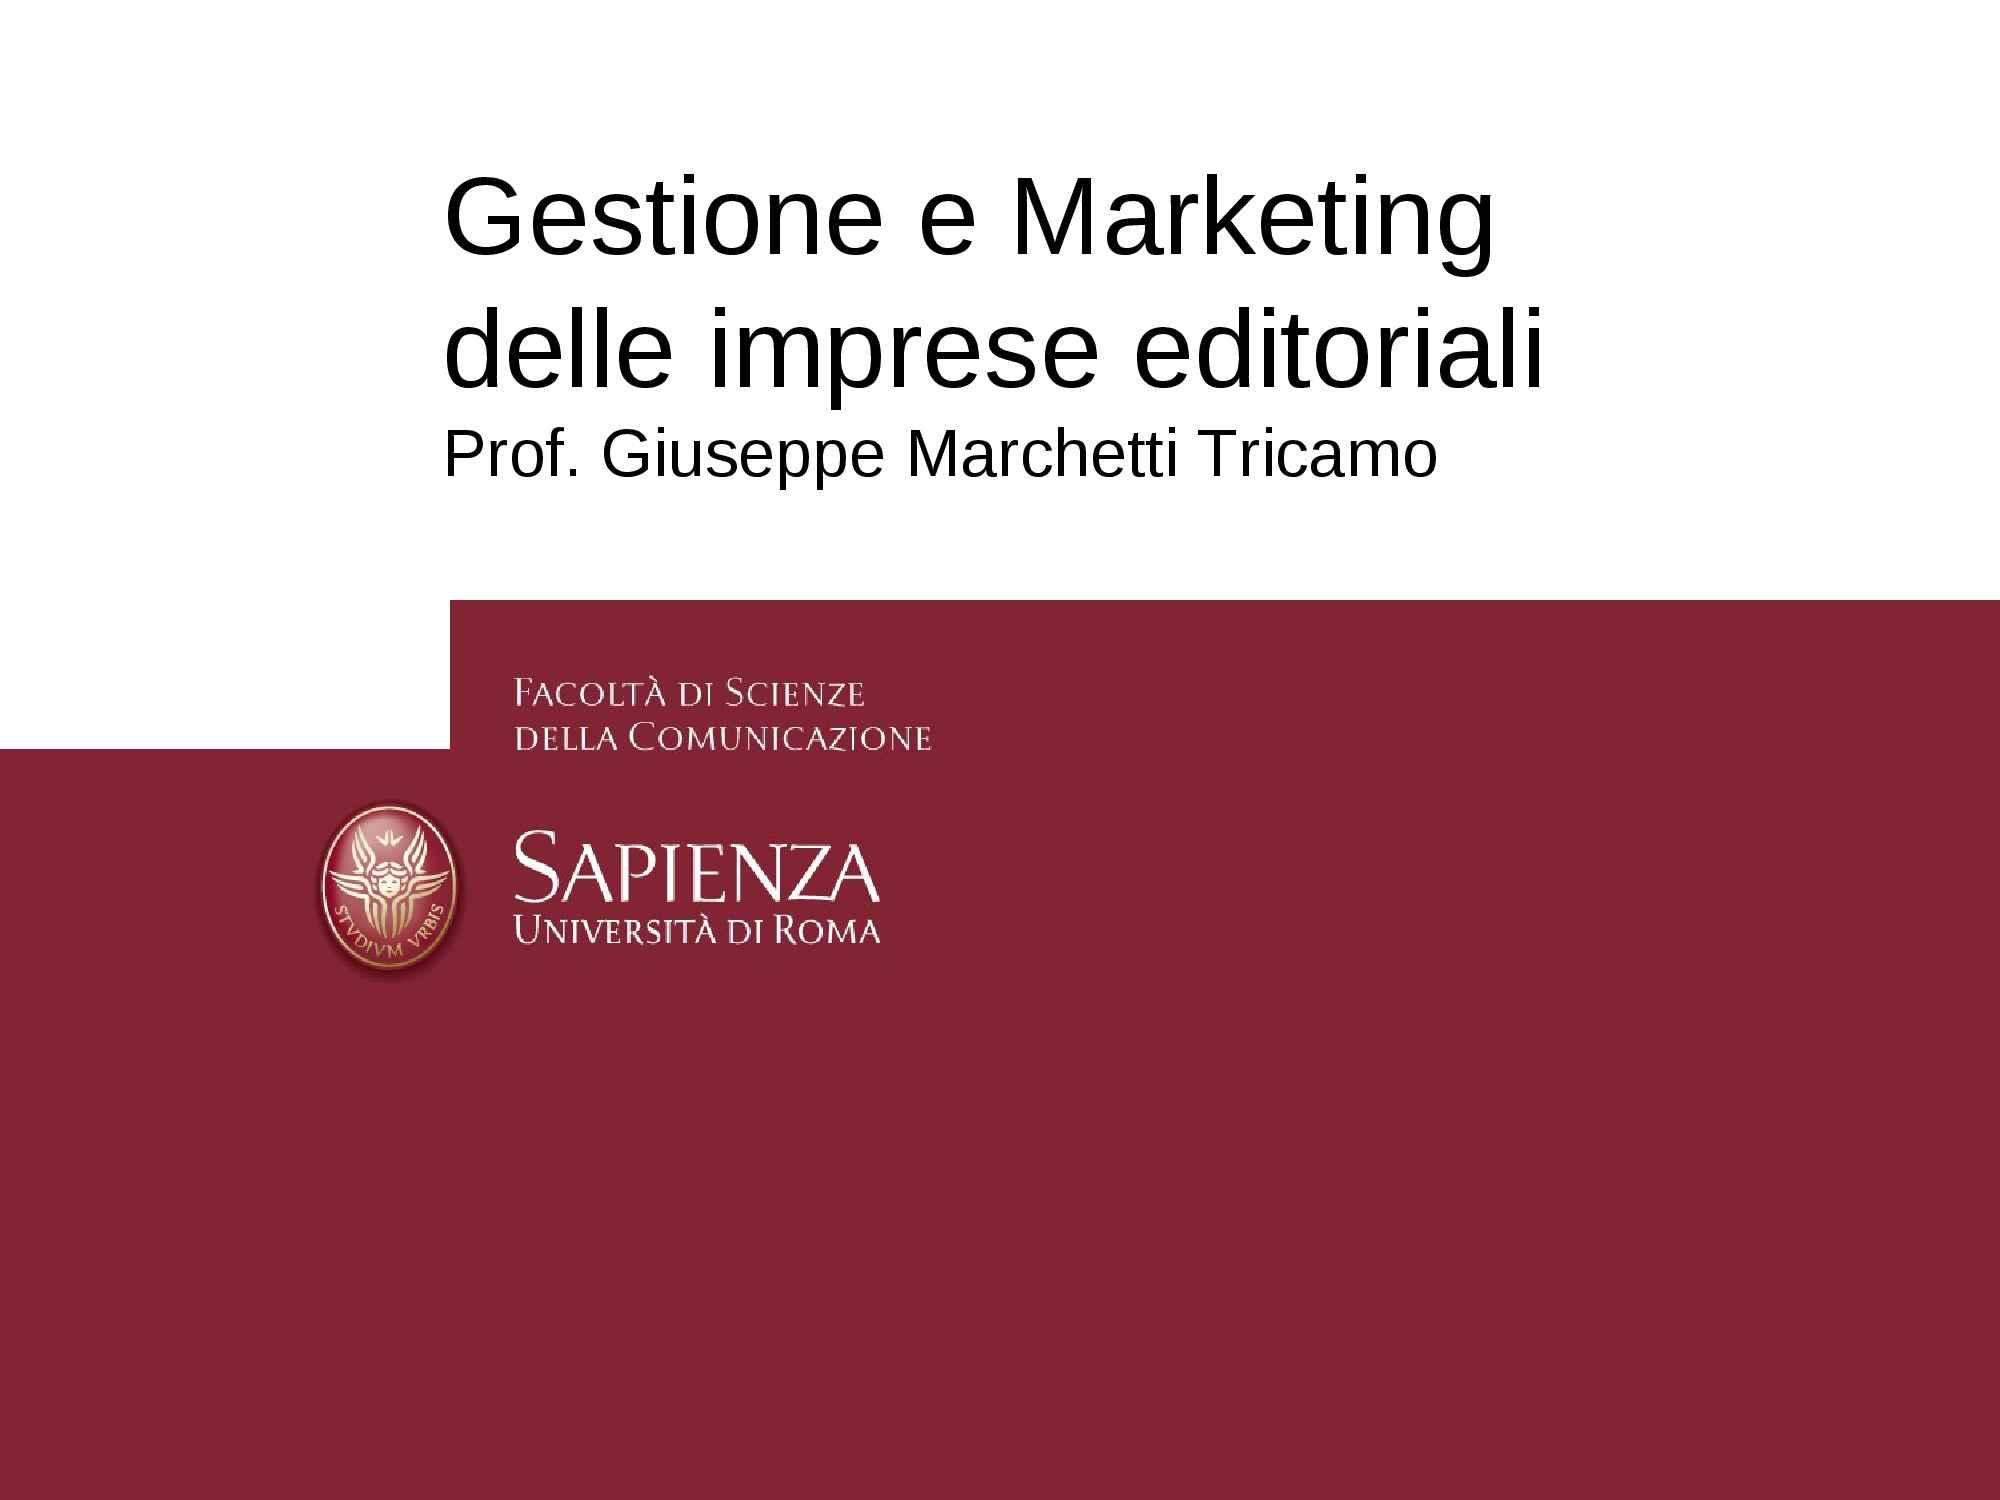 dispensa G. Marchetti Tricamo GESTIONE E MARKETING DELLE IMPRESE EDITORIALI